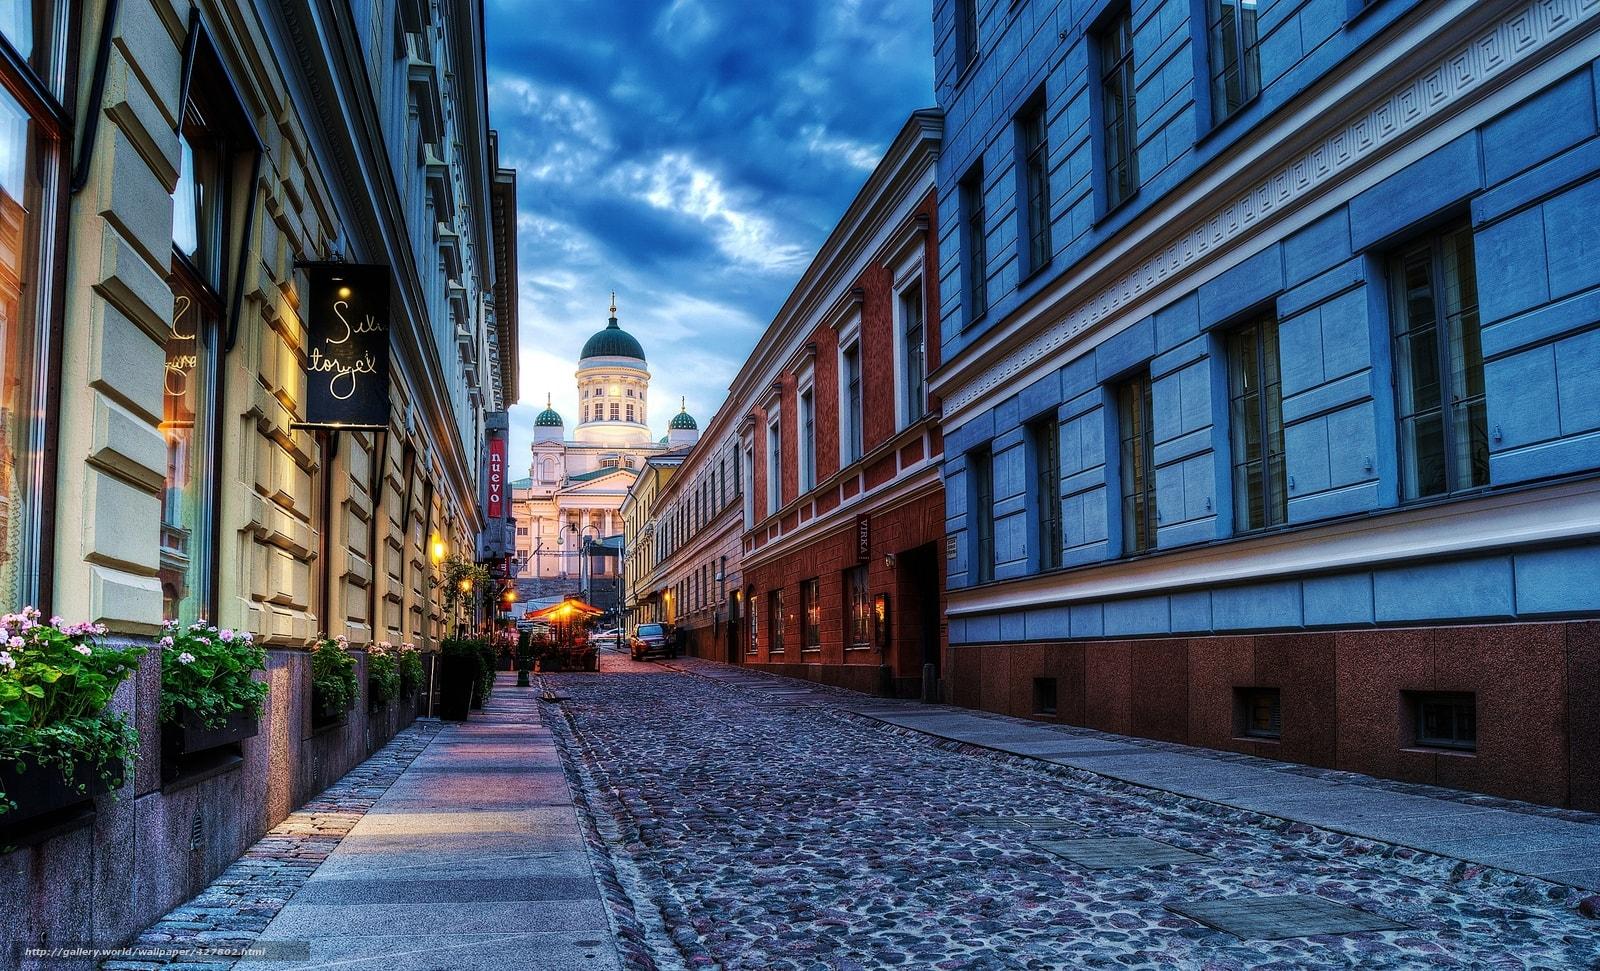 Helsinki widescreen